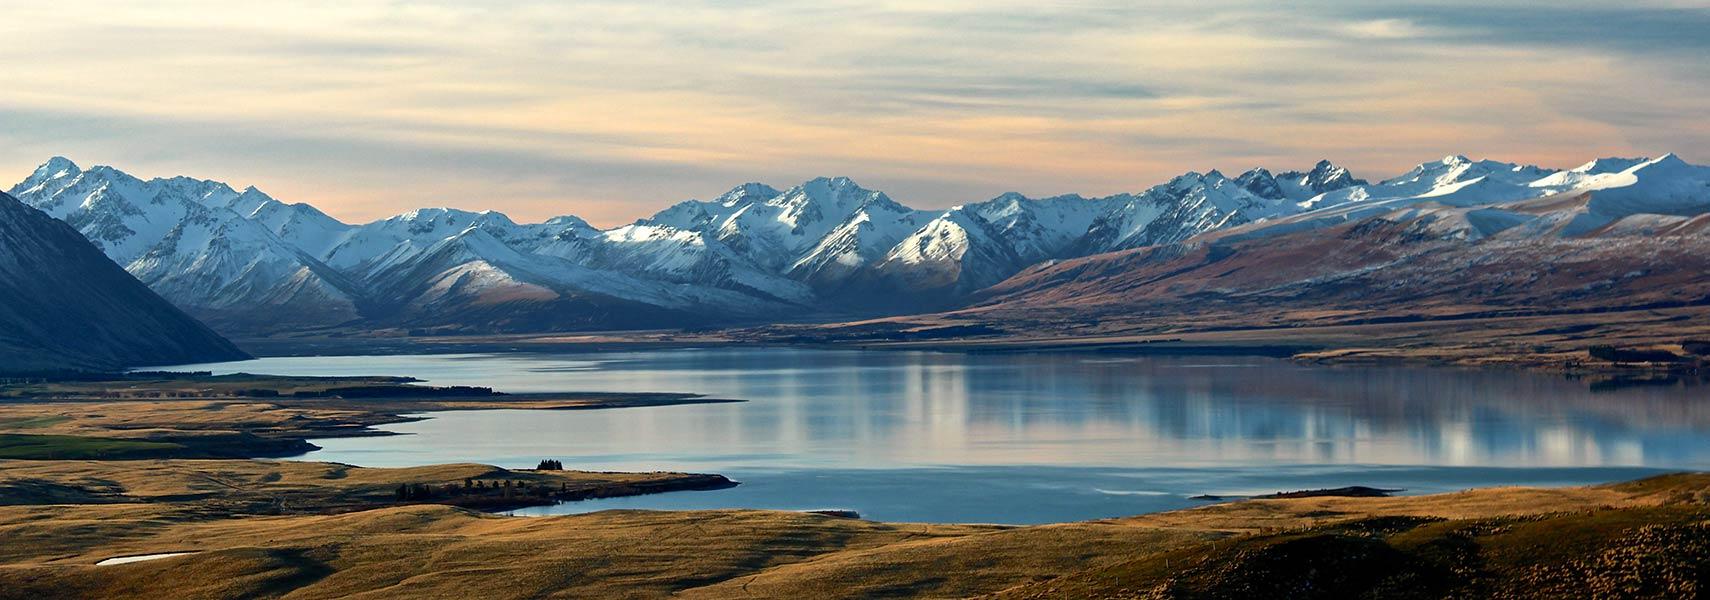 Lake-Tekapo-New-Zealand - Tobias